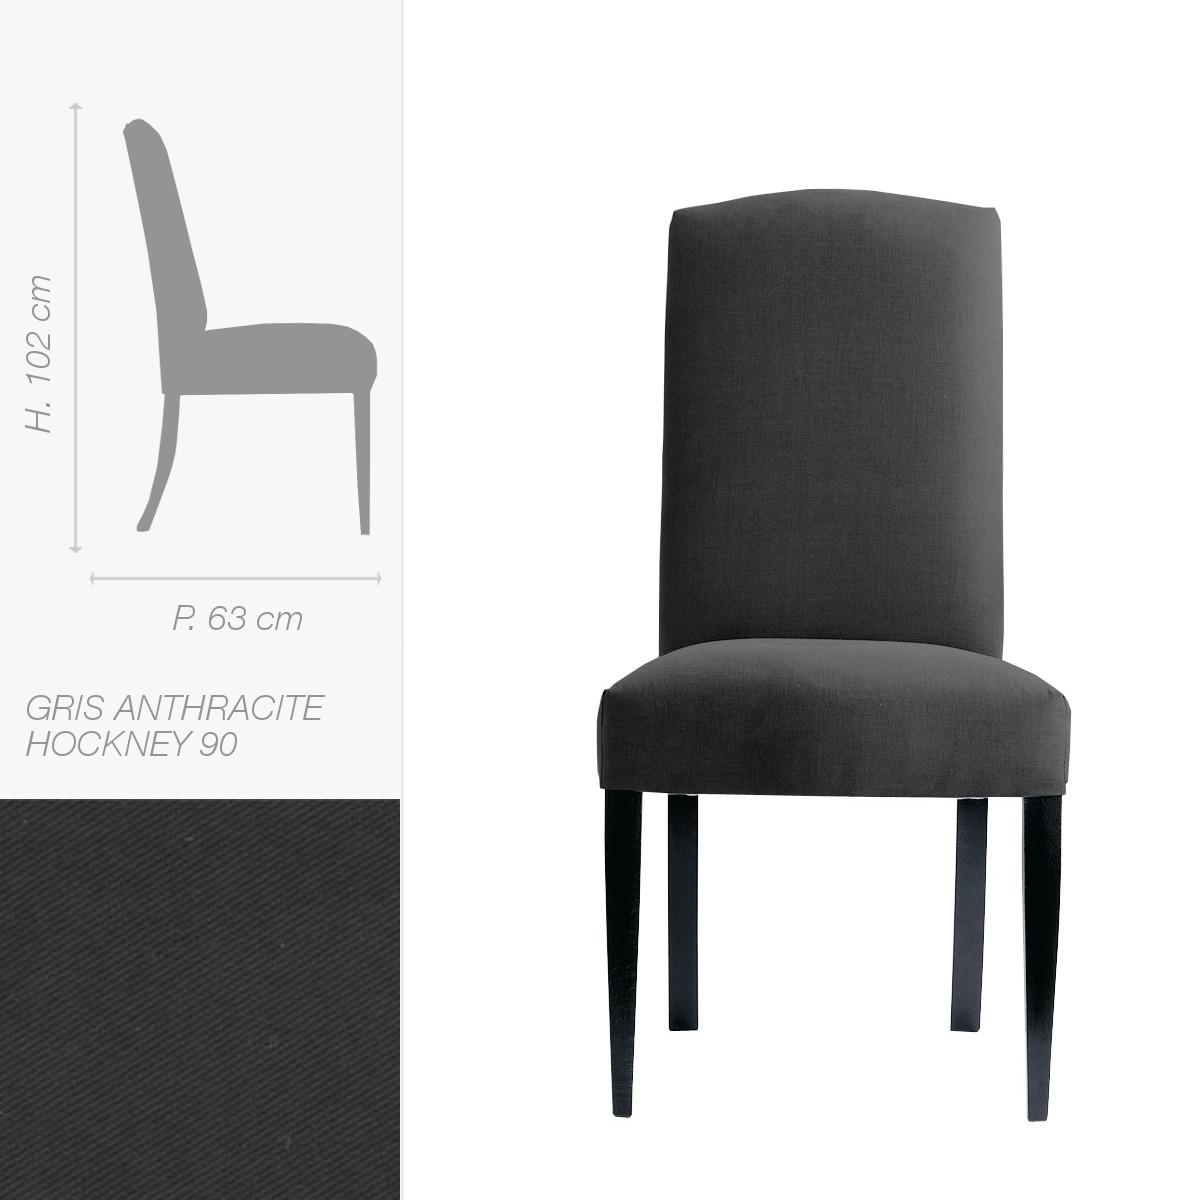 Chaise tissu anthracite dans chaise de salle manger for Chaise de salle a manger tissu